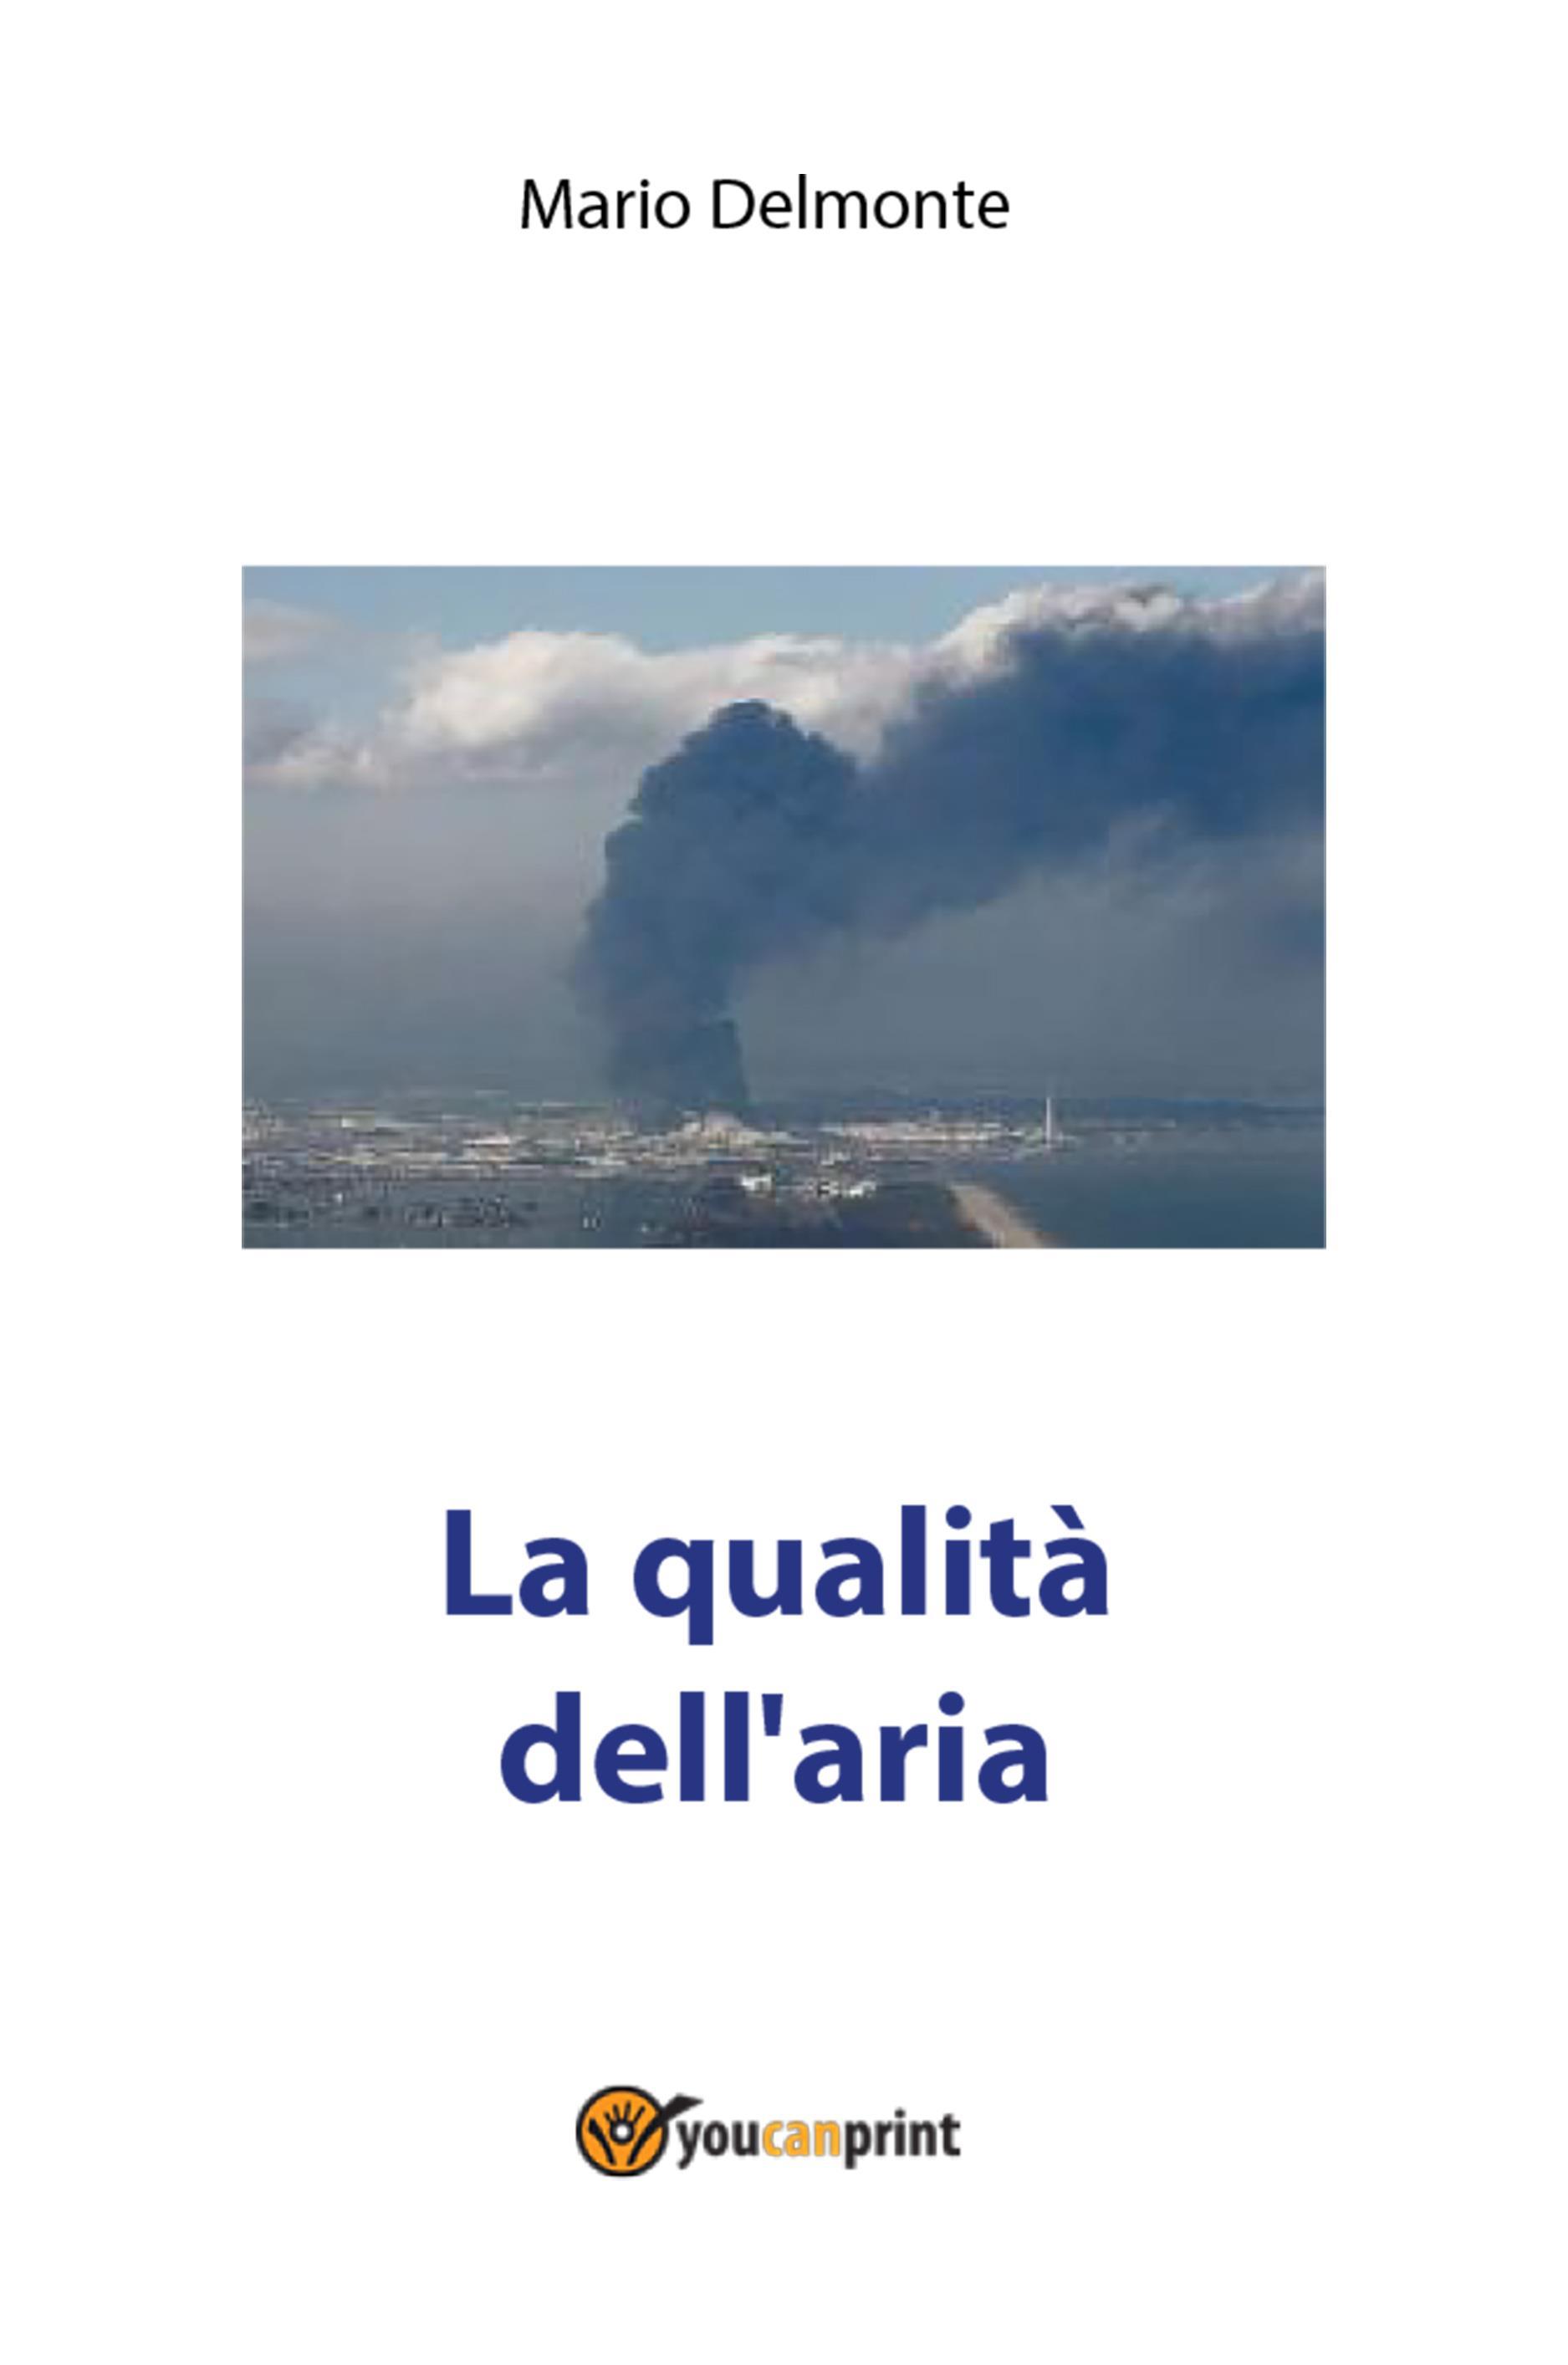 LA QUALITA' DELL'ARIA